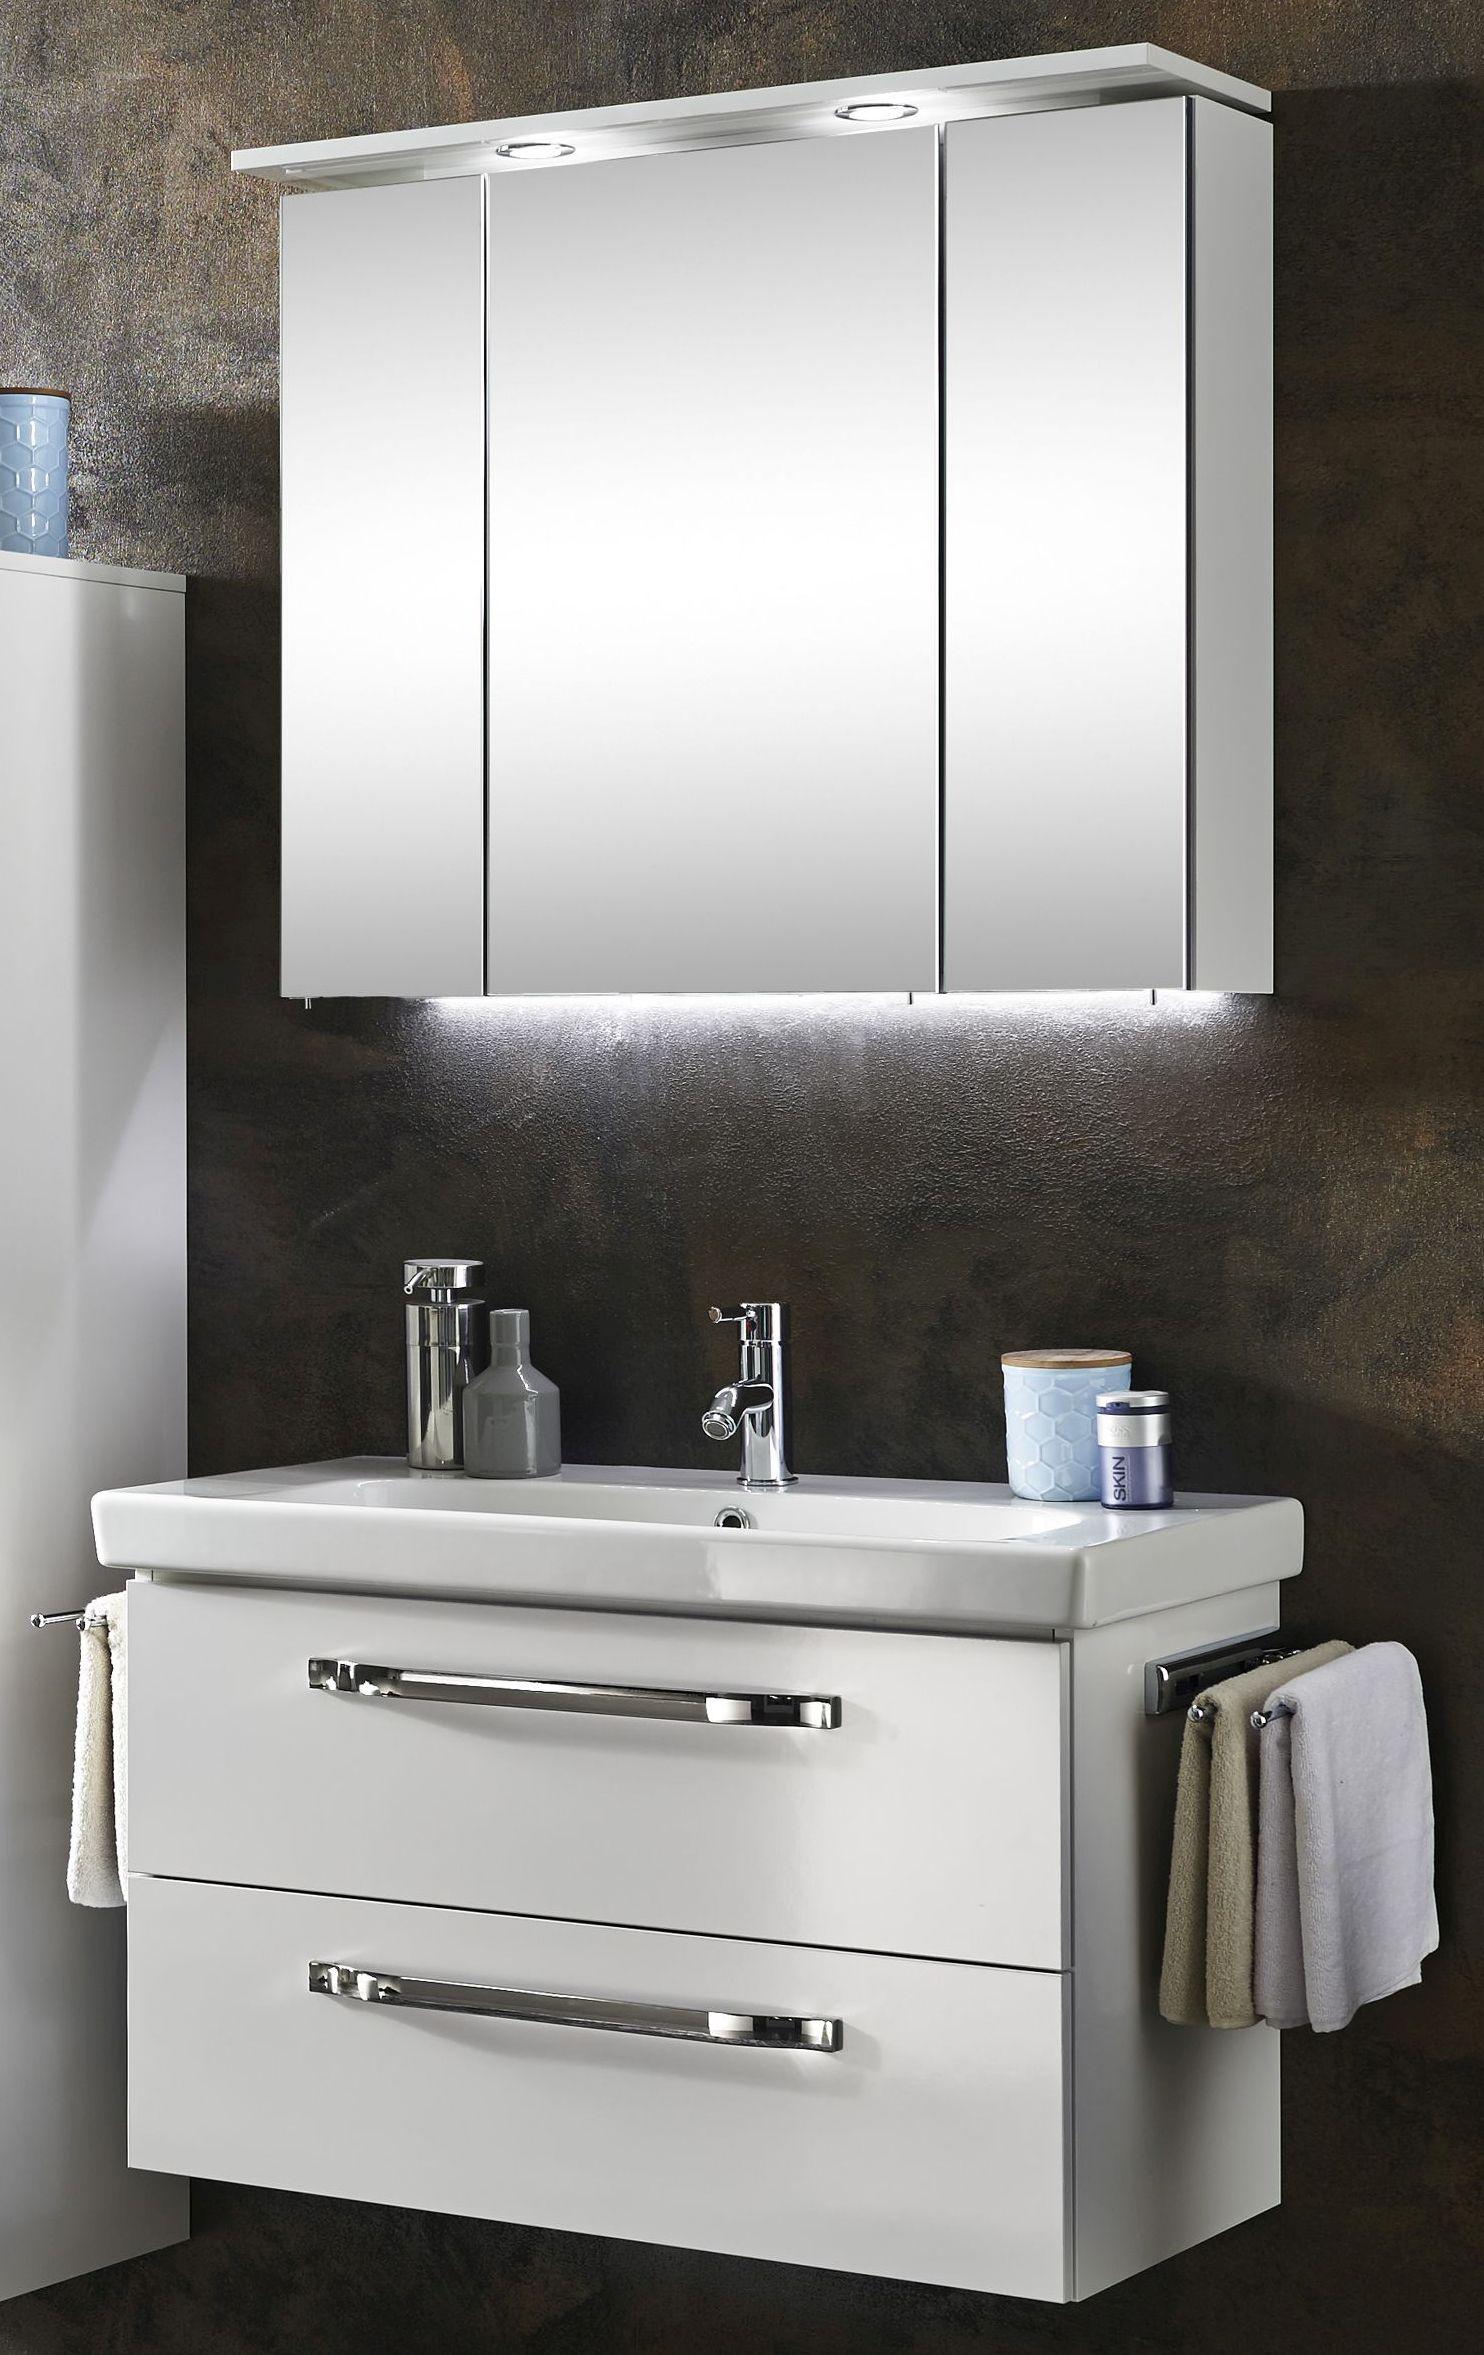 Marlin Bad 20 Badmöbel Set 20 cm breit – Spiegelschrank mit Oberboden  inkl. LED Beleuchtung